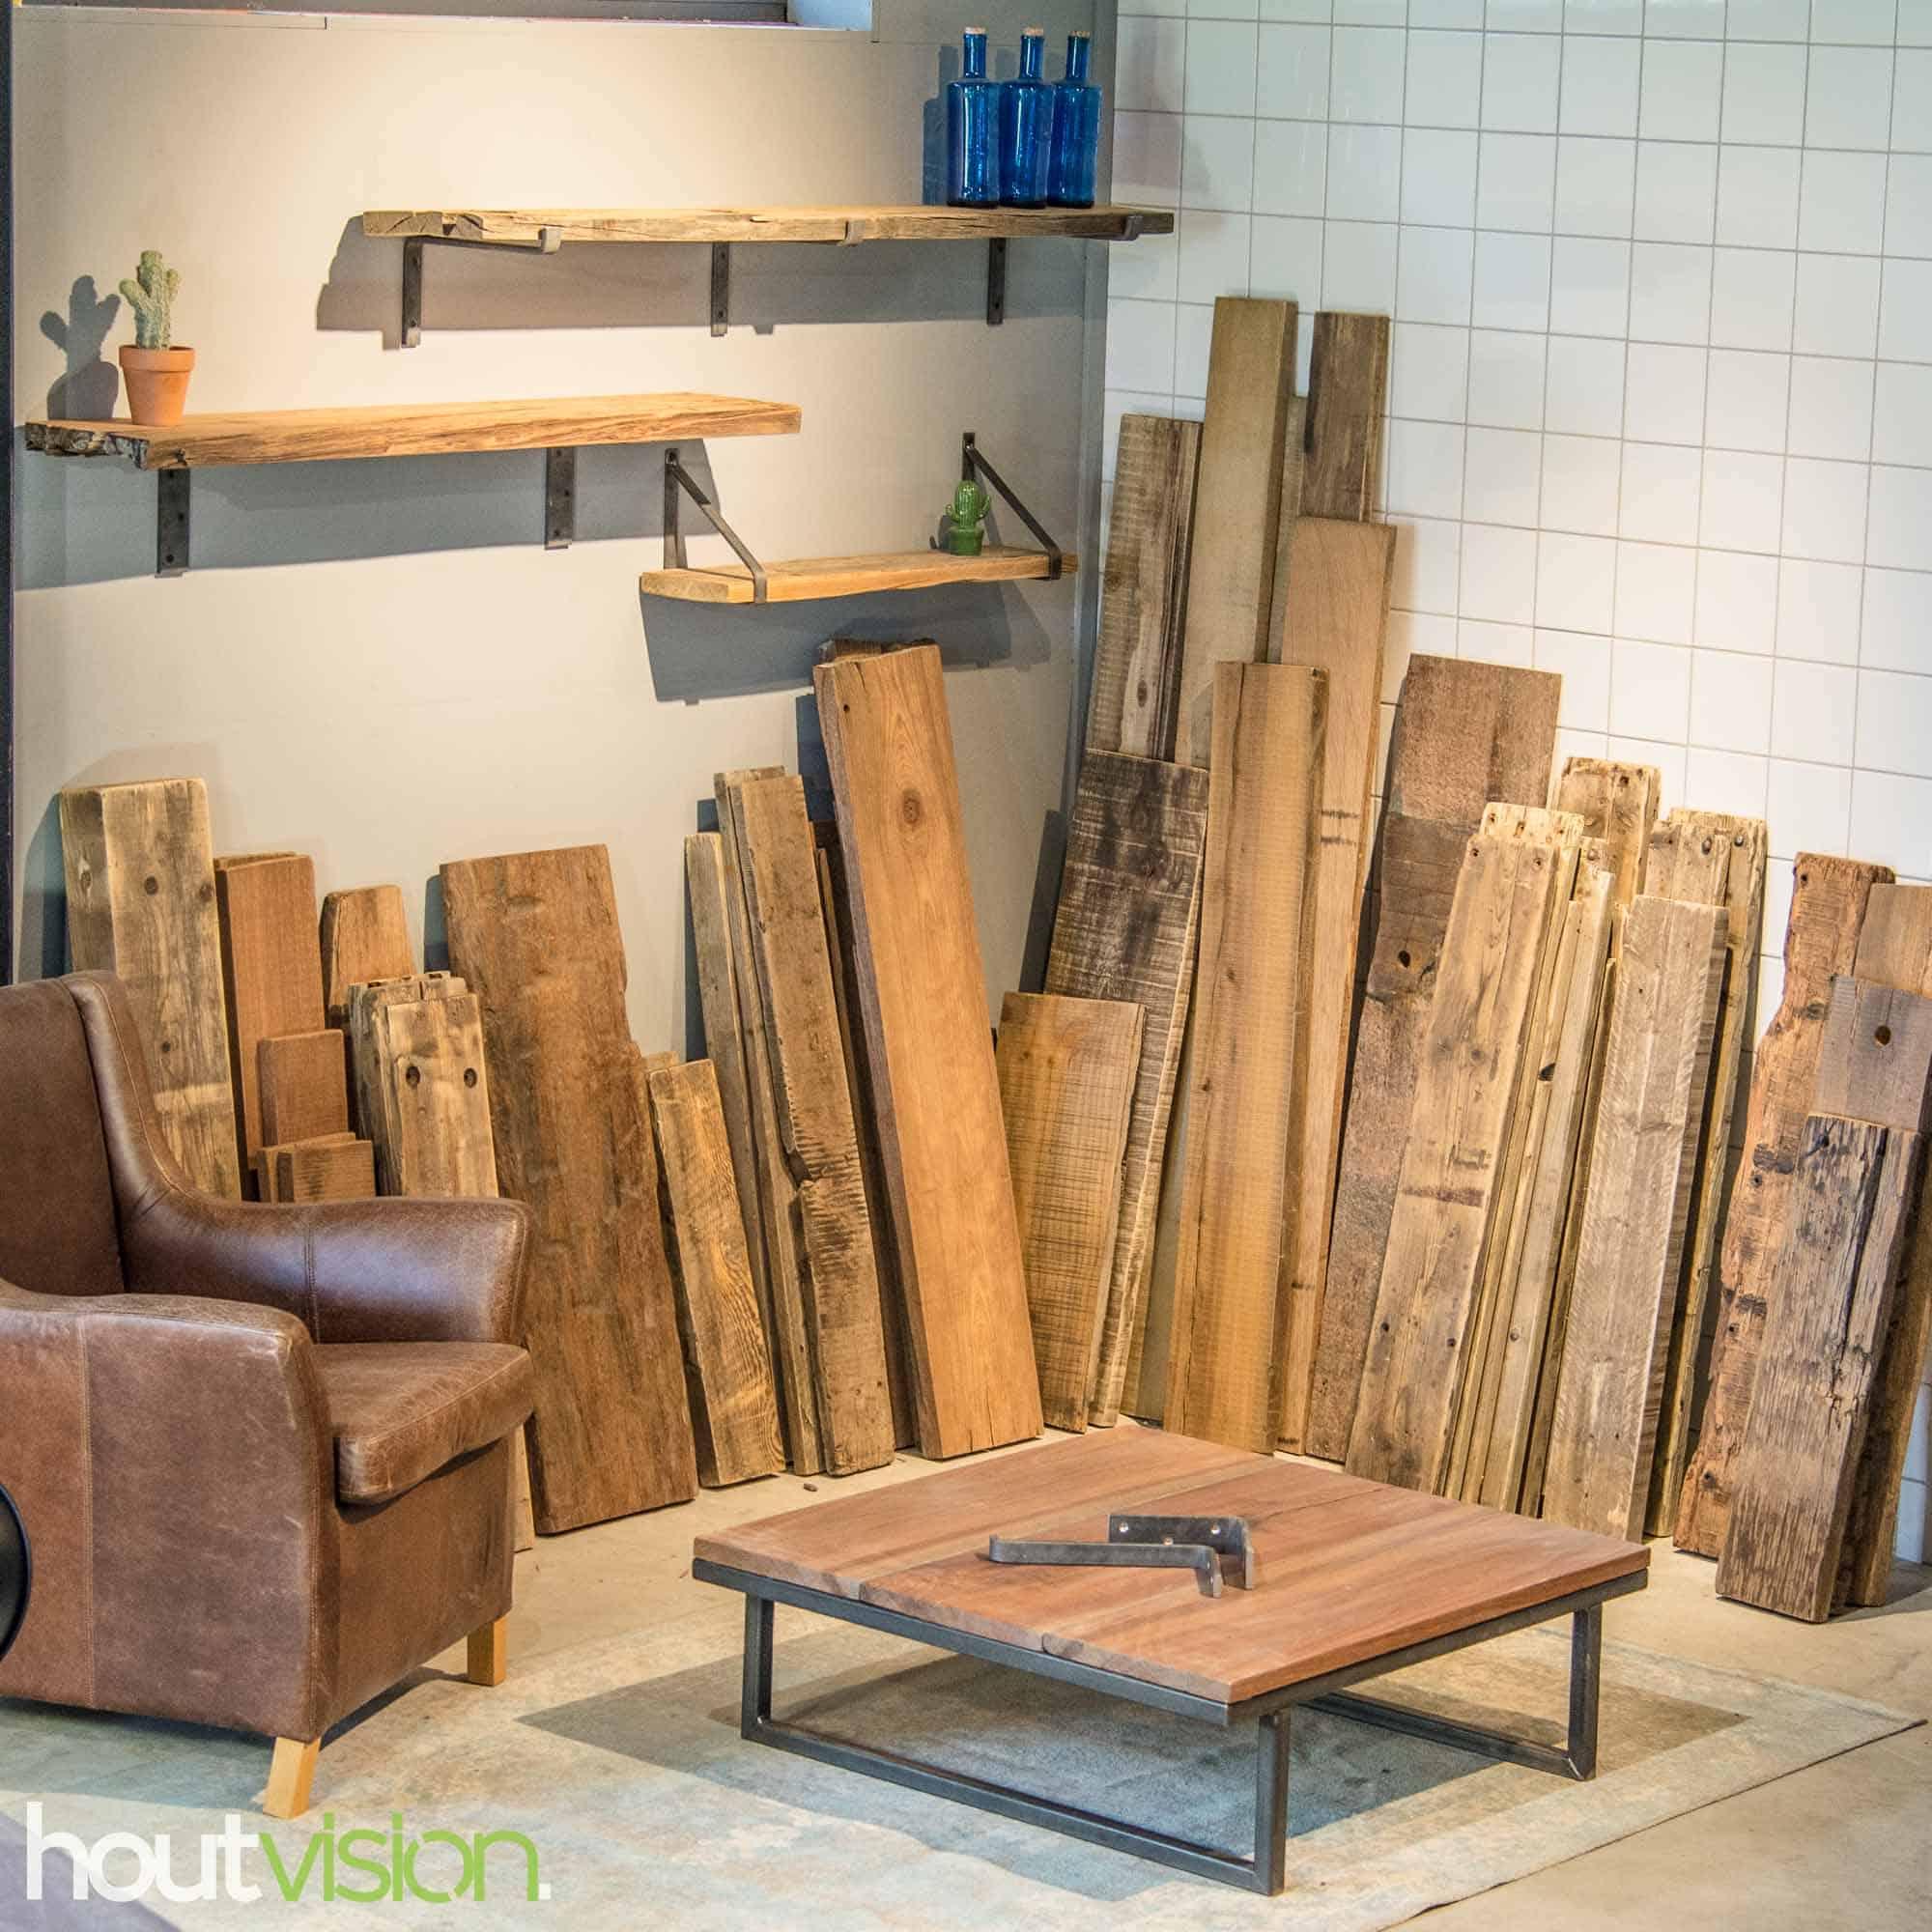 wandplanken van houtvision